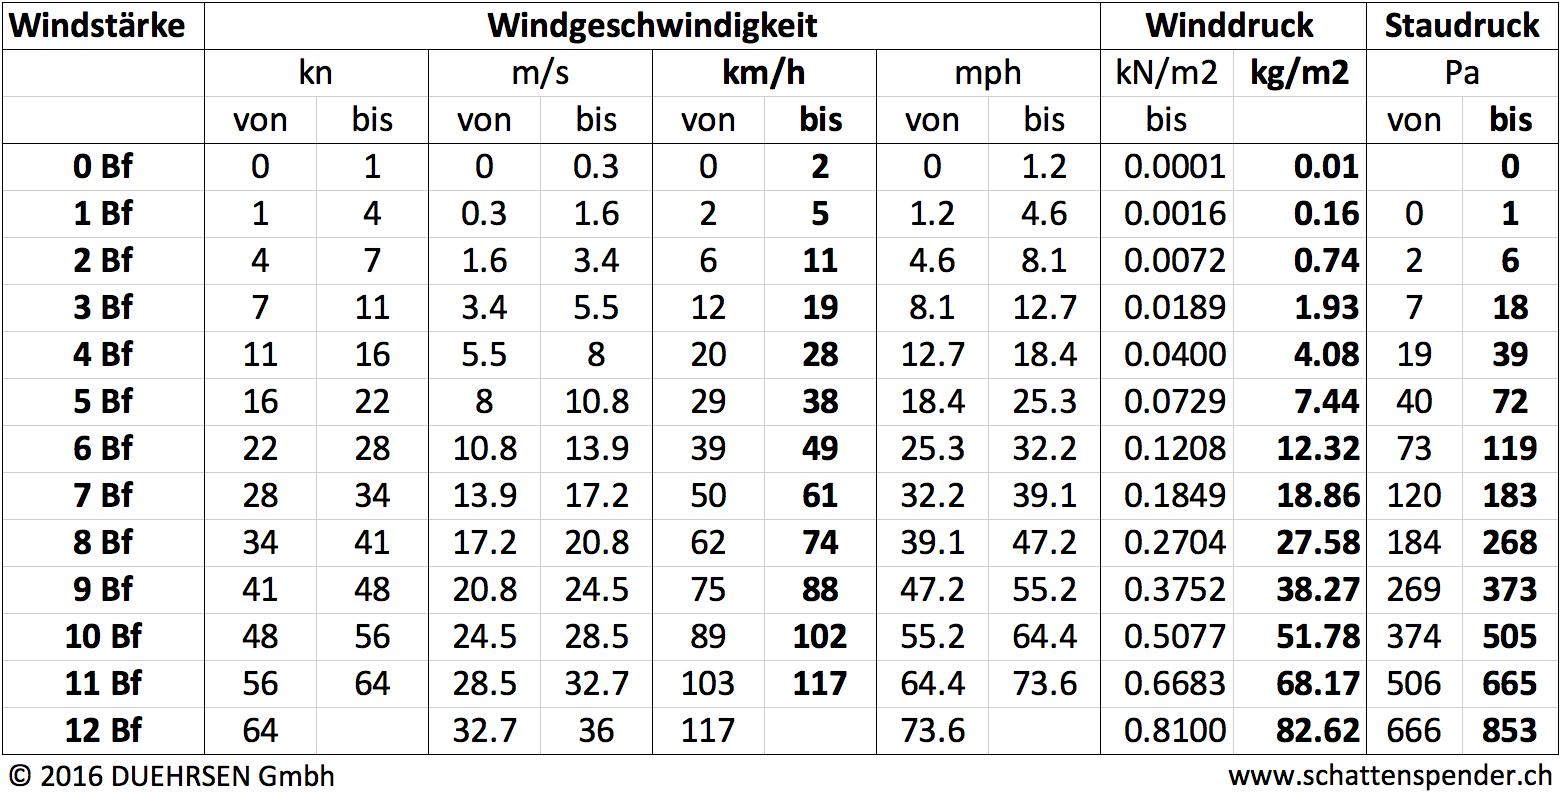 Vergleichstabelle Windstärke, Geschwindigkeit und Druck